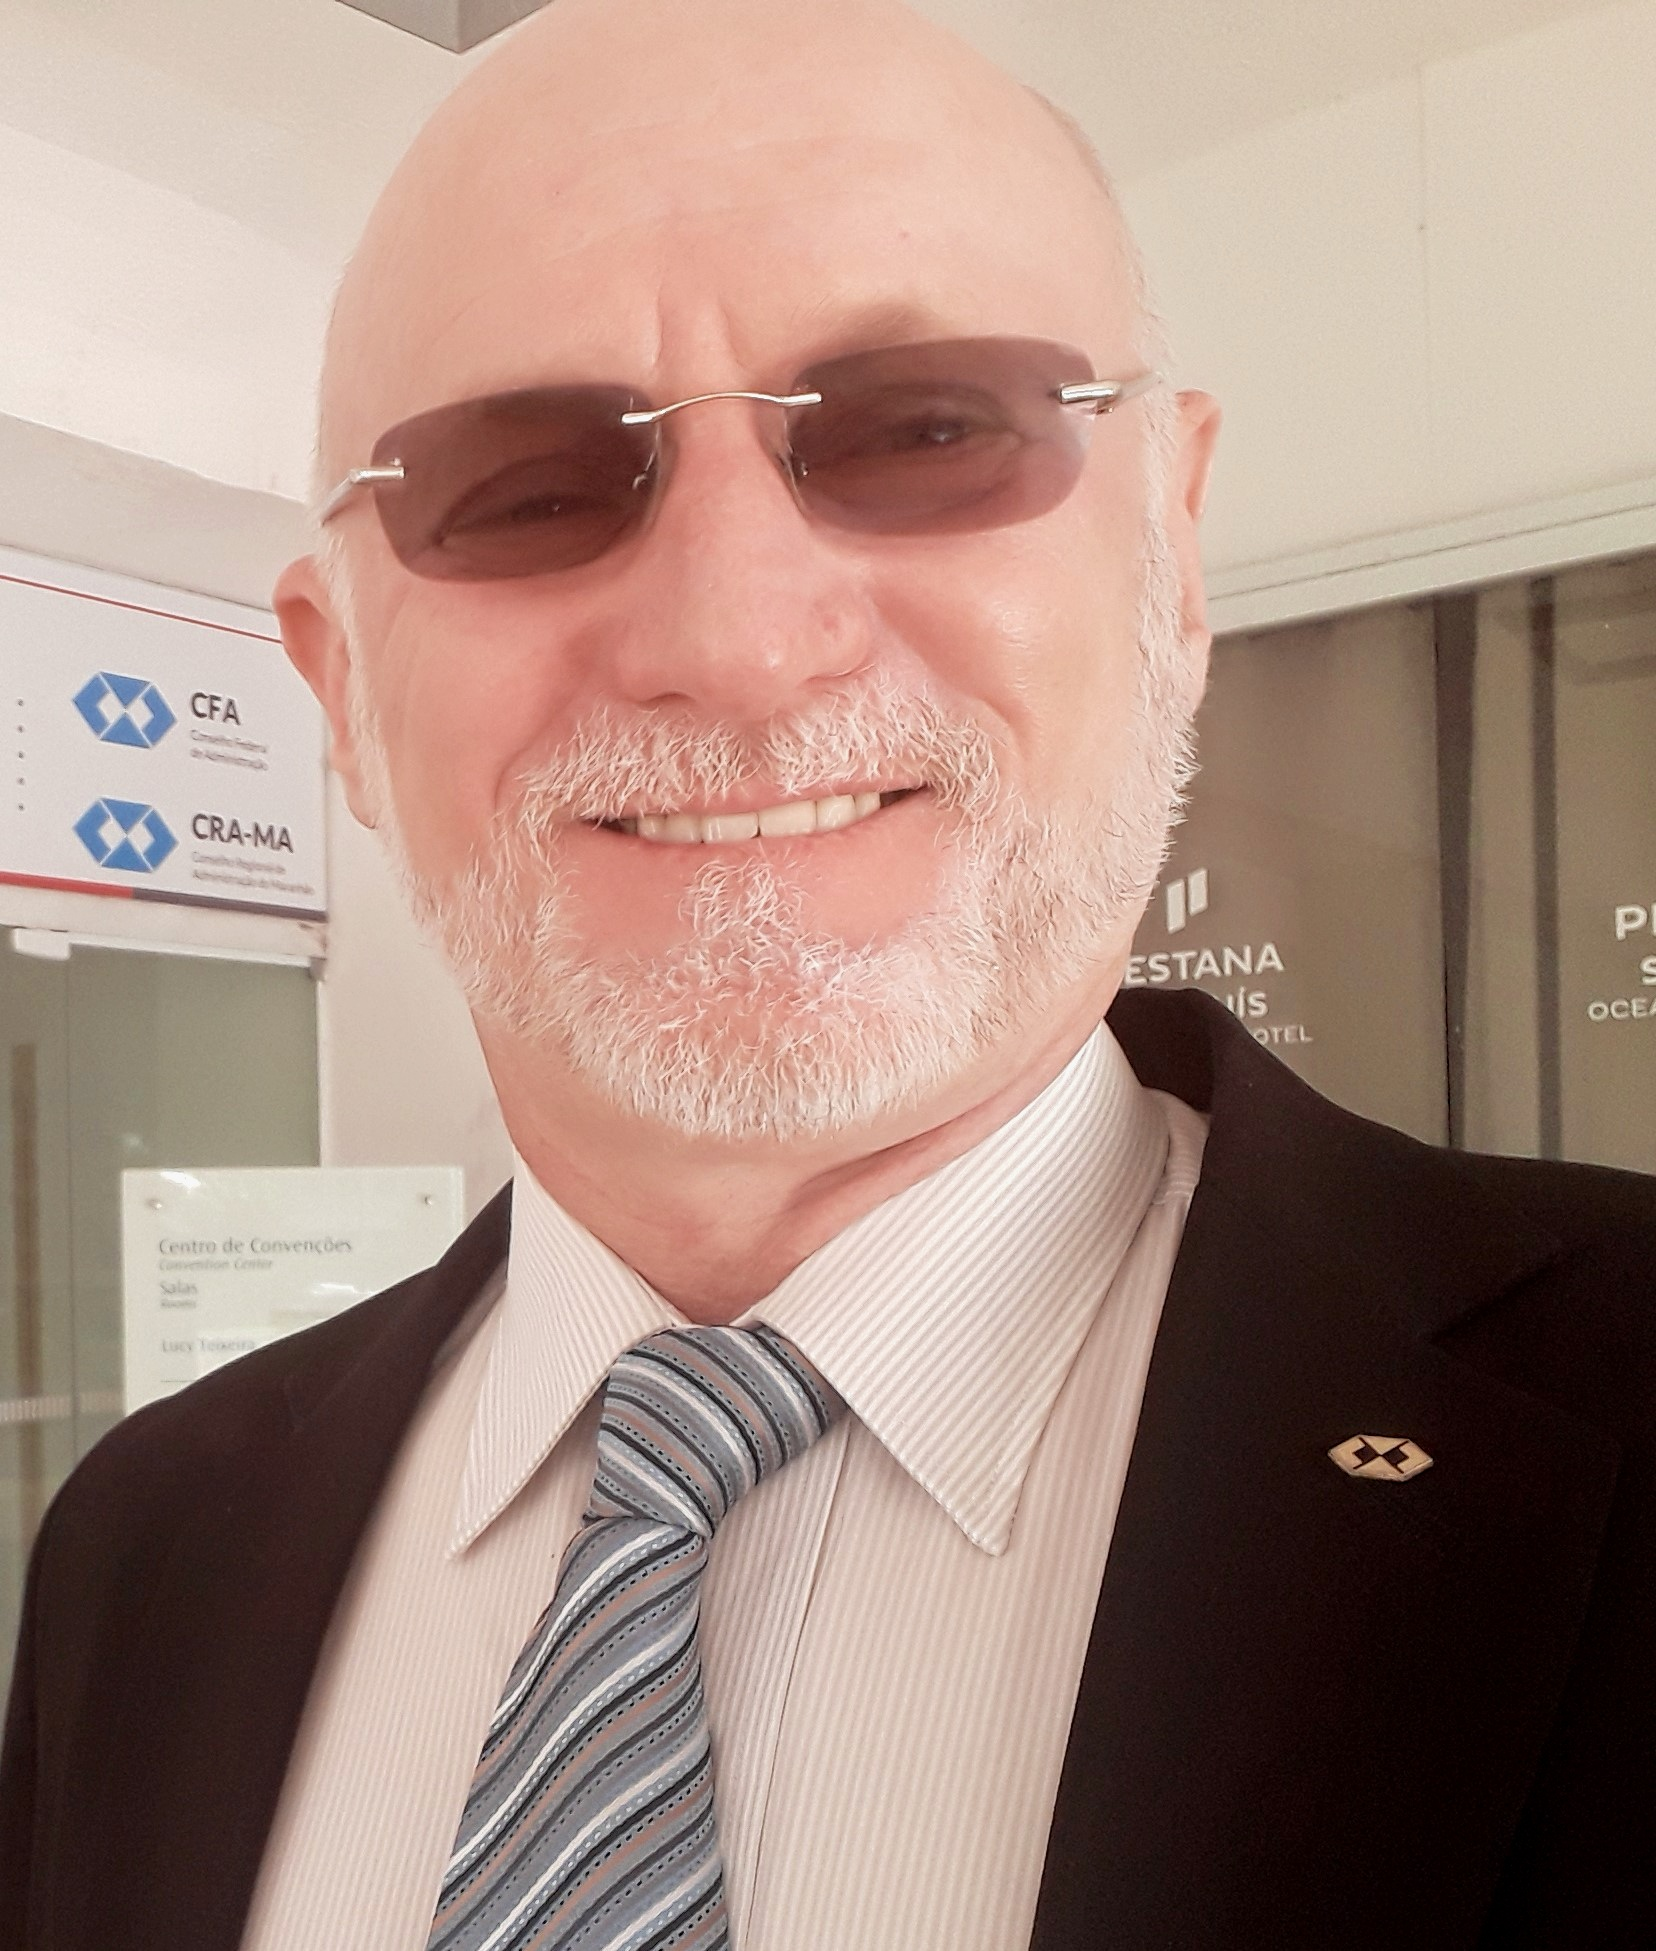 Presidente do CRA-RJ, Adm. Leocir Dal Pai